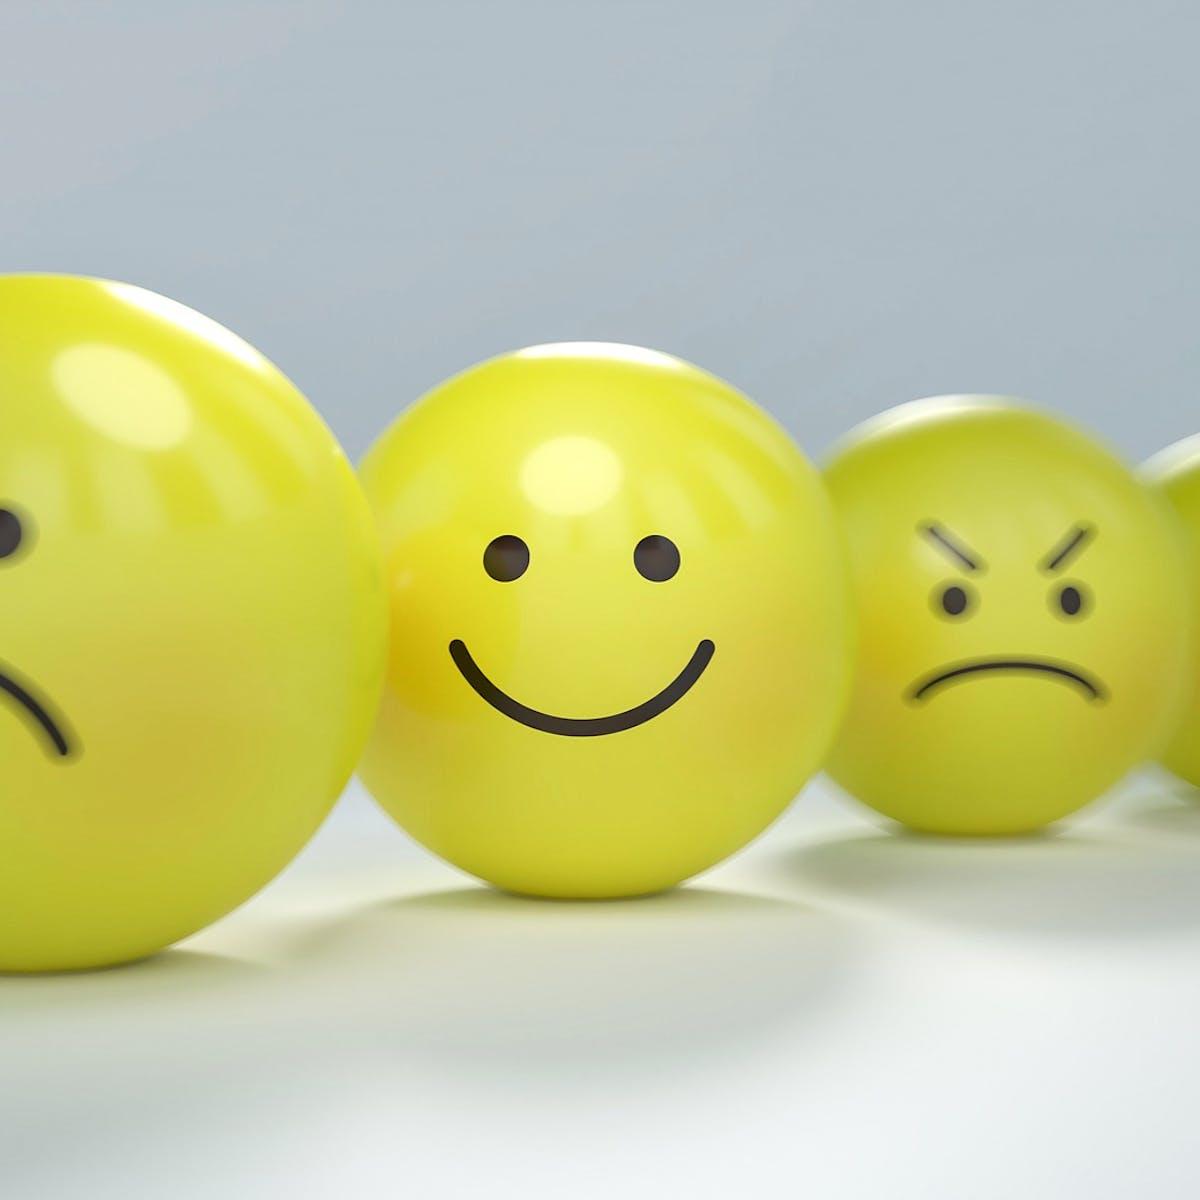 Les Emoticones Au Dela Des Idees Recues